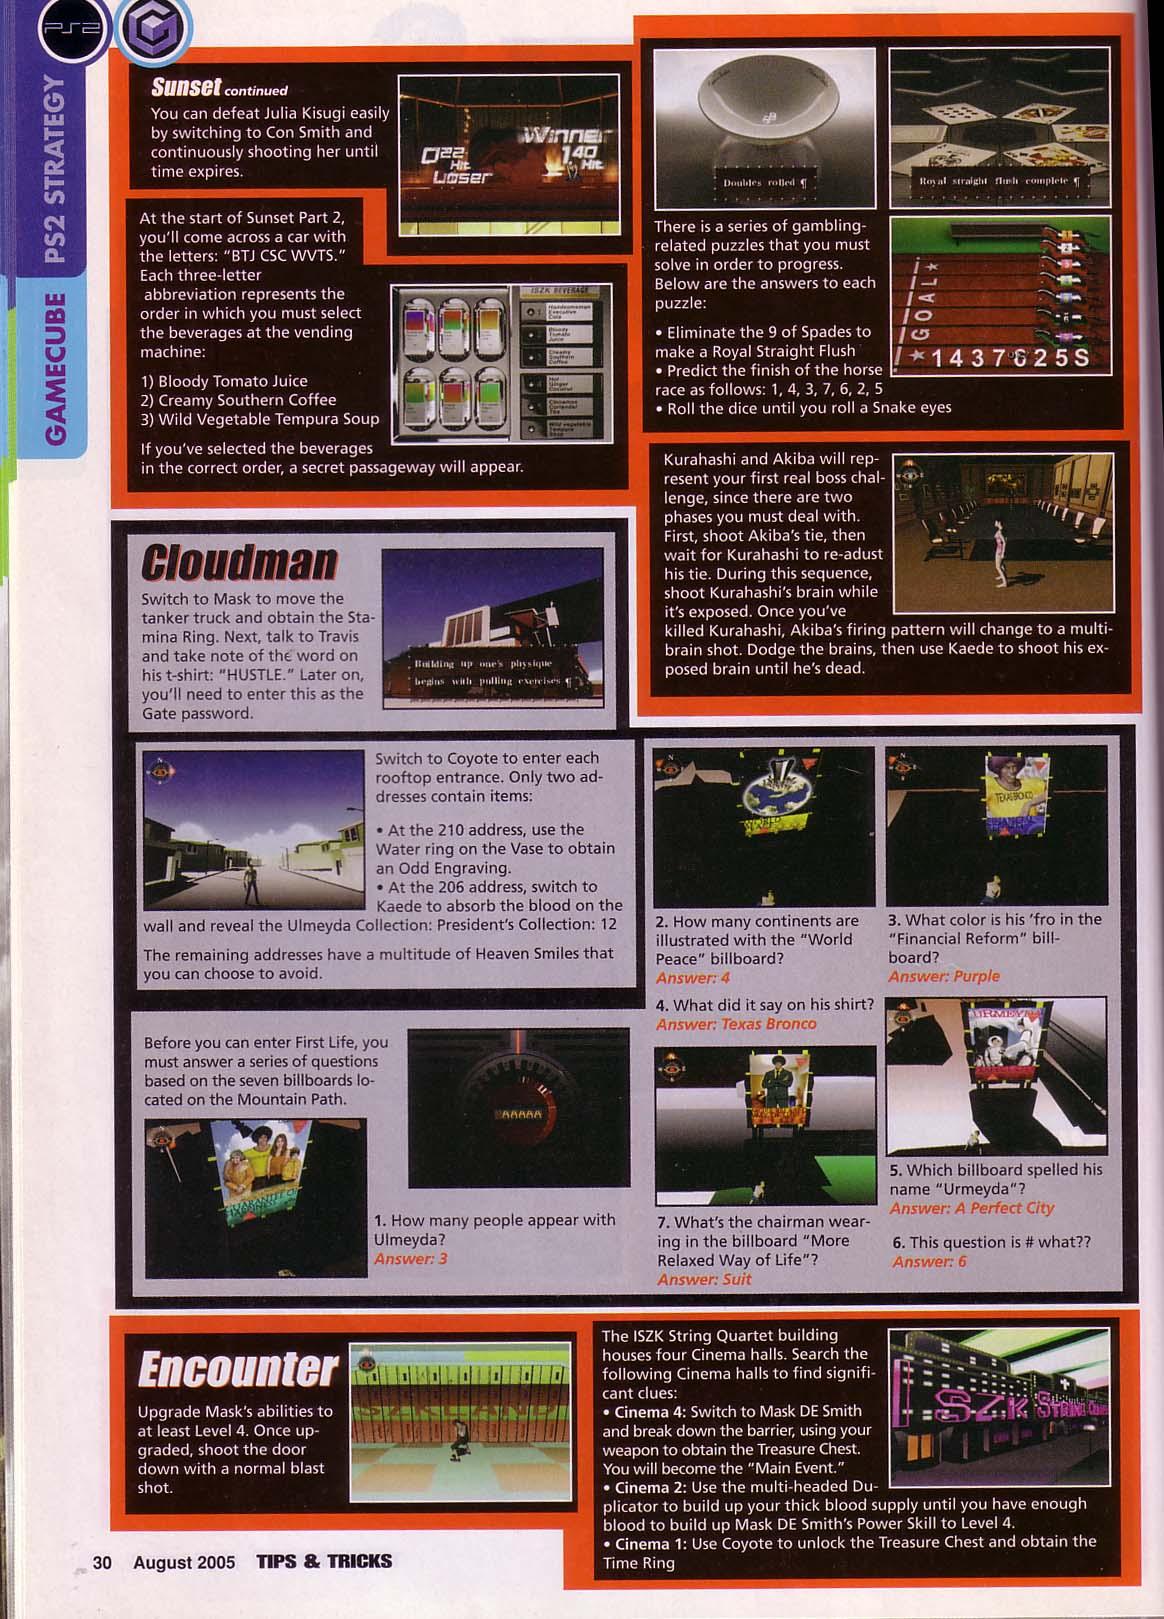 TipsandTricks_Aug_2005_Killer7_pg2_Strategy.jpg